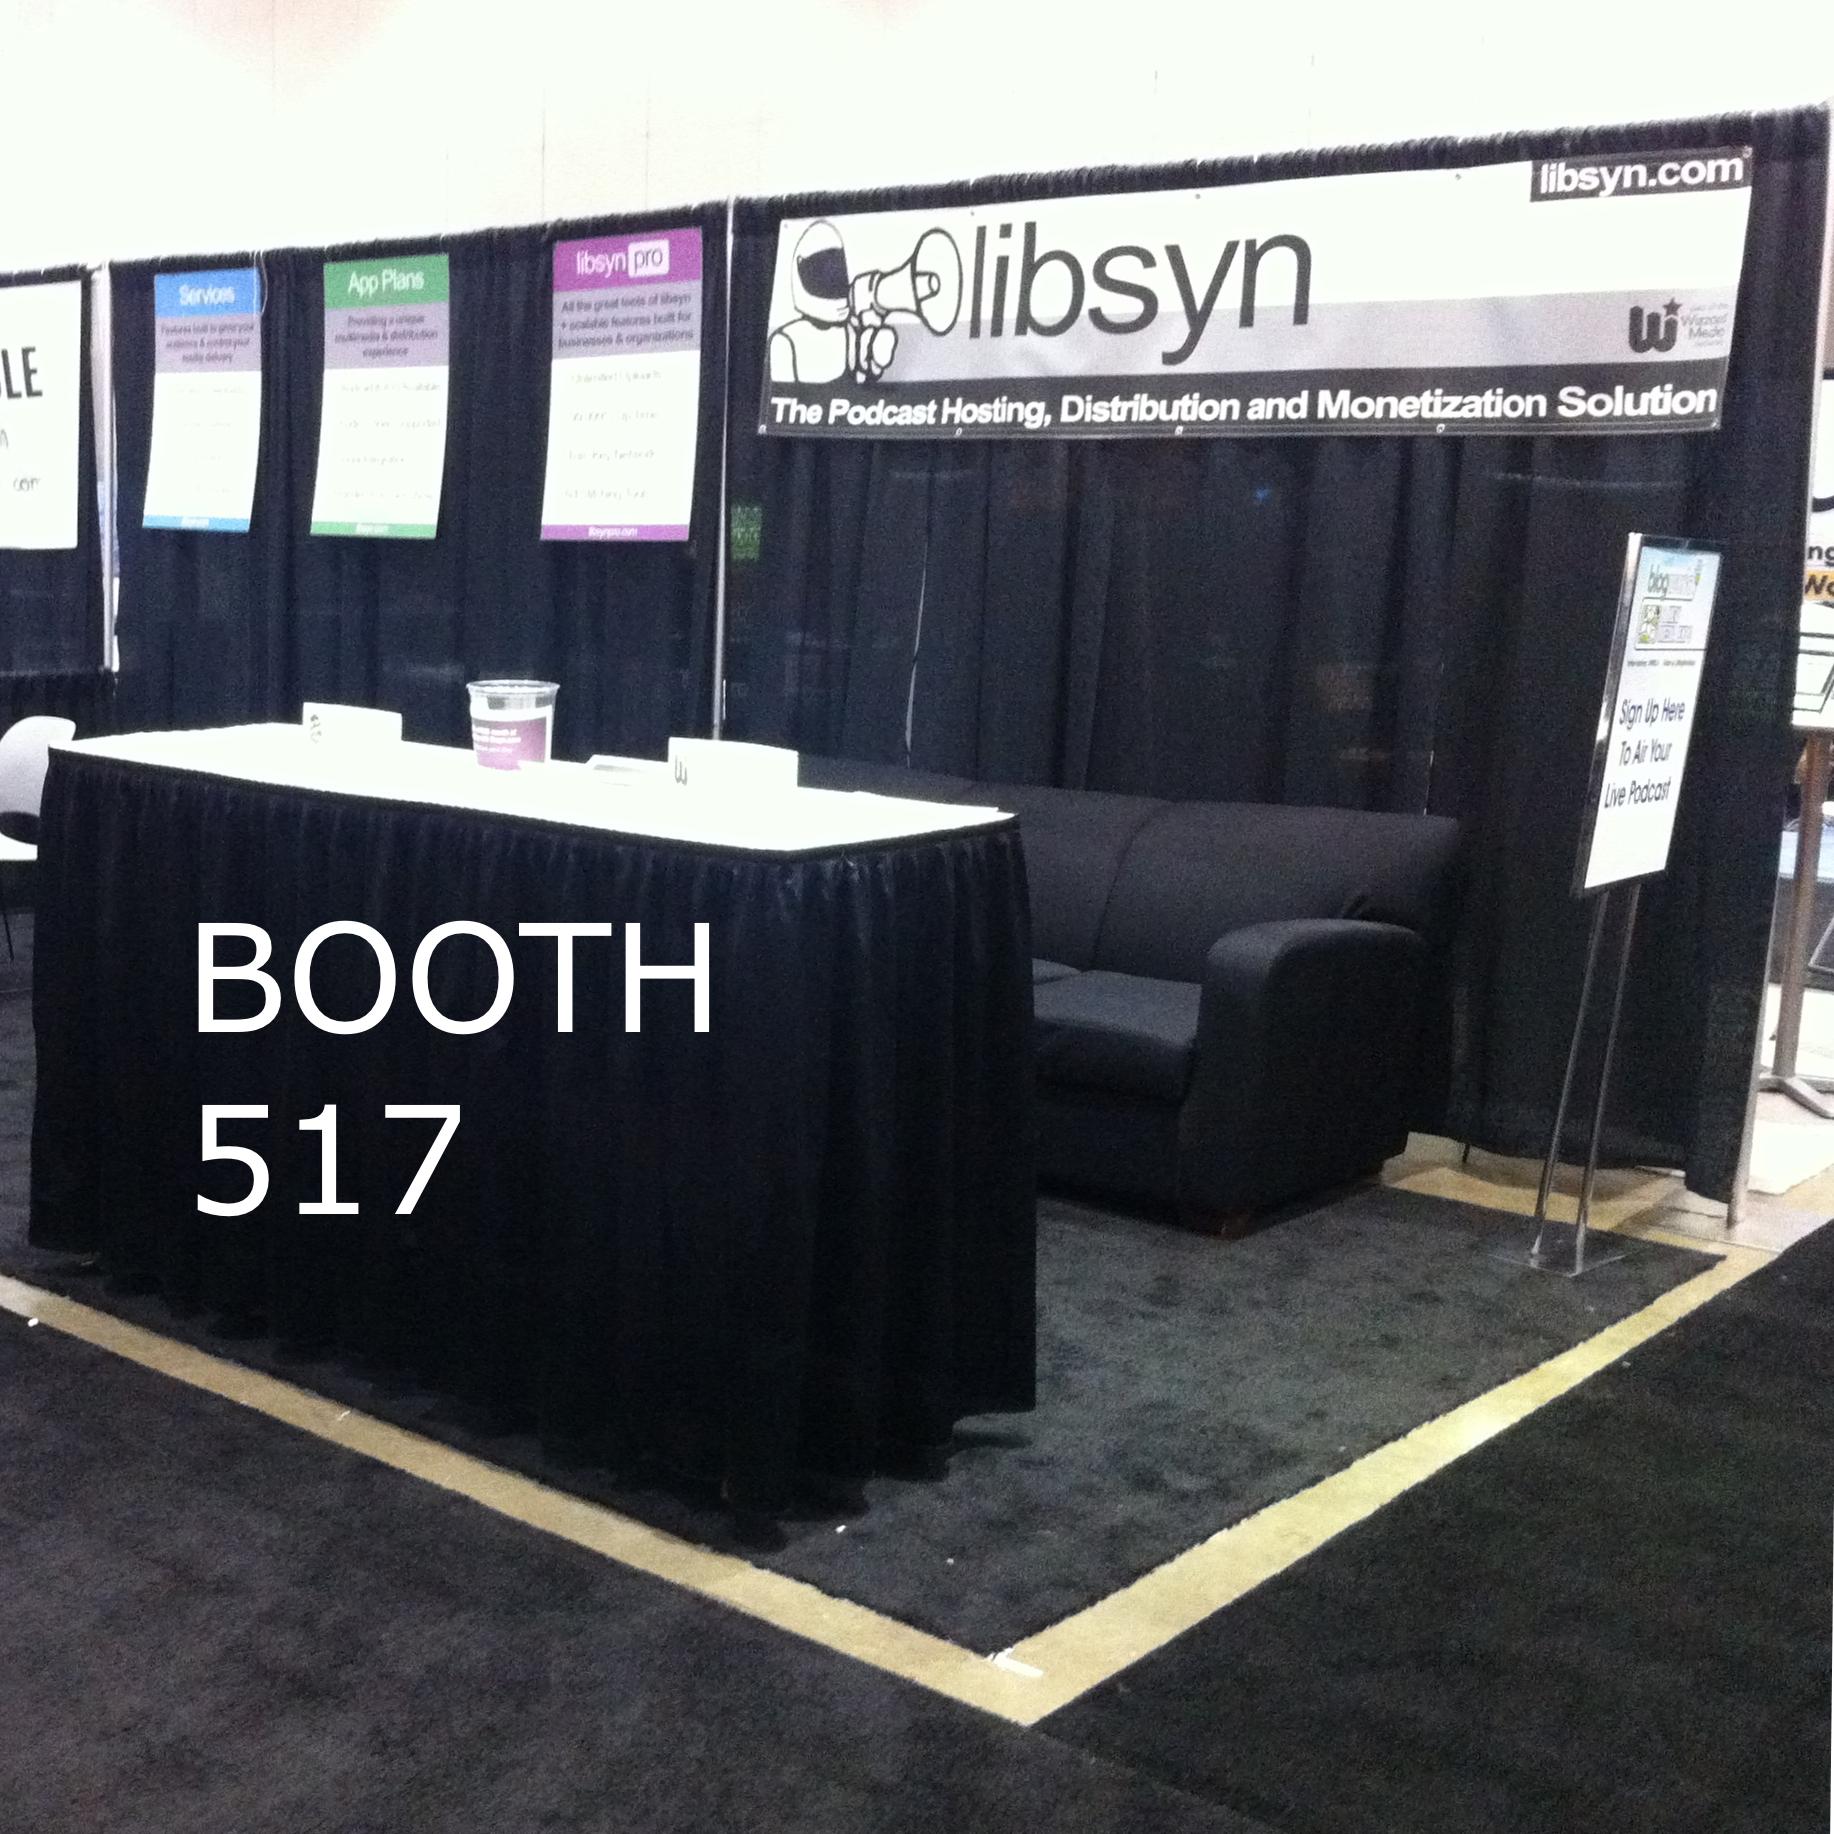 Libsyn will be at the New Media Expo on January 2012